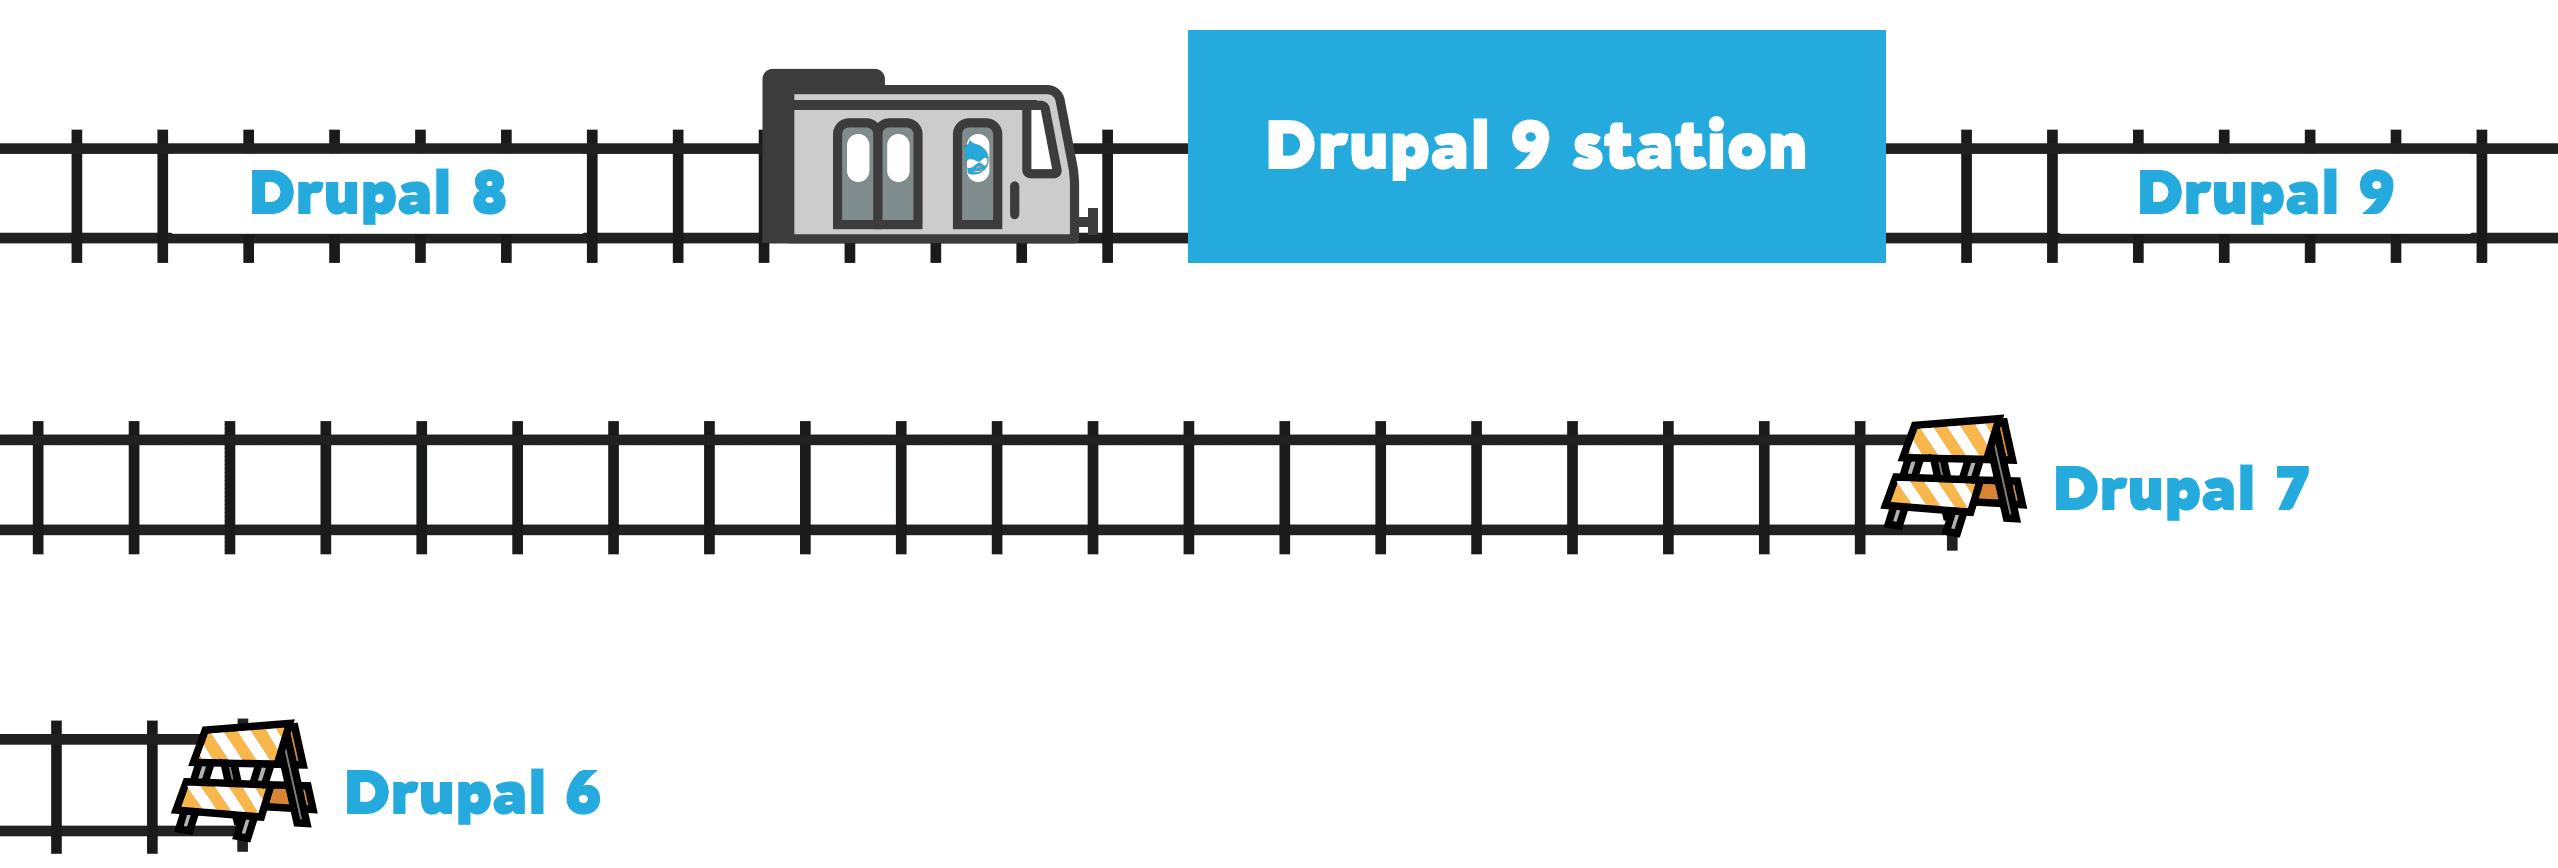 升级到 Drupal 9